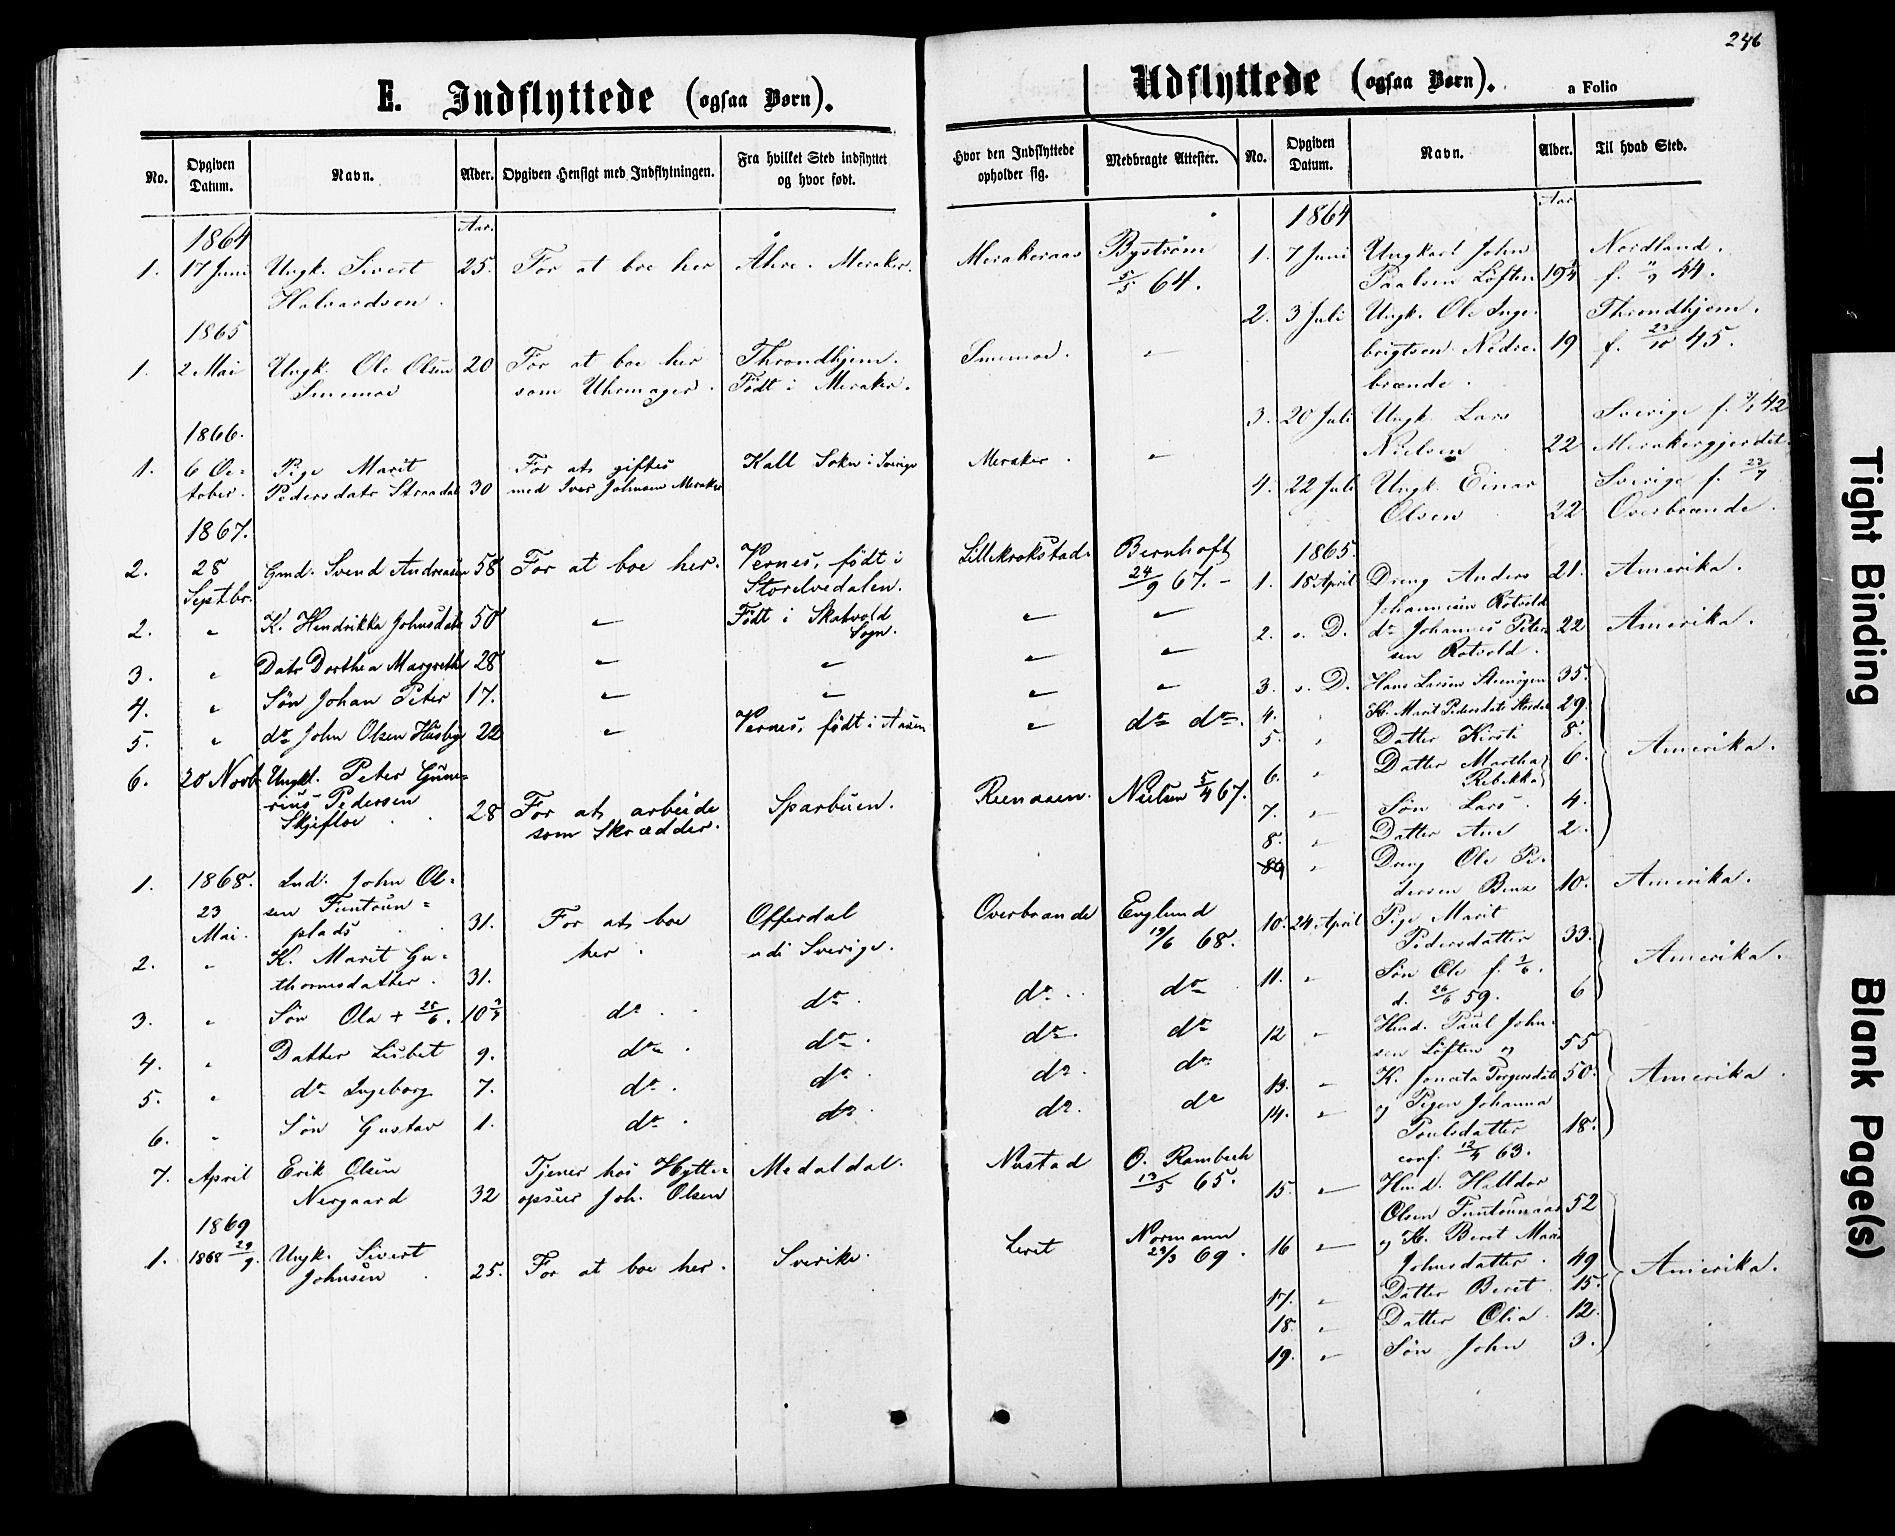 SAT, Ministerialprotokoller, klokkerbøker og fødselsregistre - Nord-Trøndelag, 706/L0049: Klokkerbok nr. 706C01, 1864-1895, s. 246